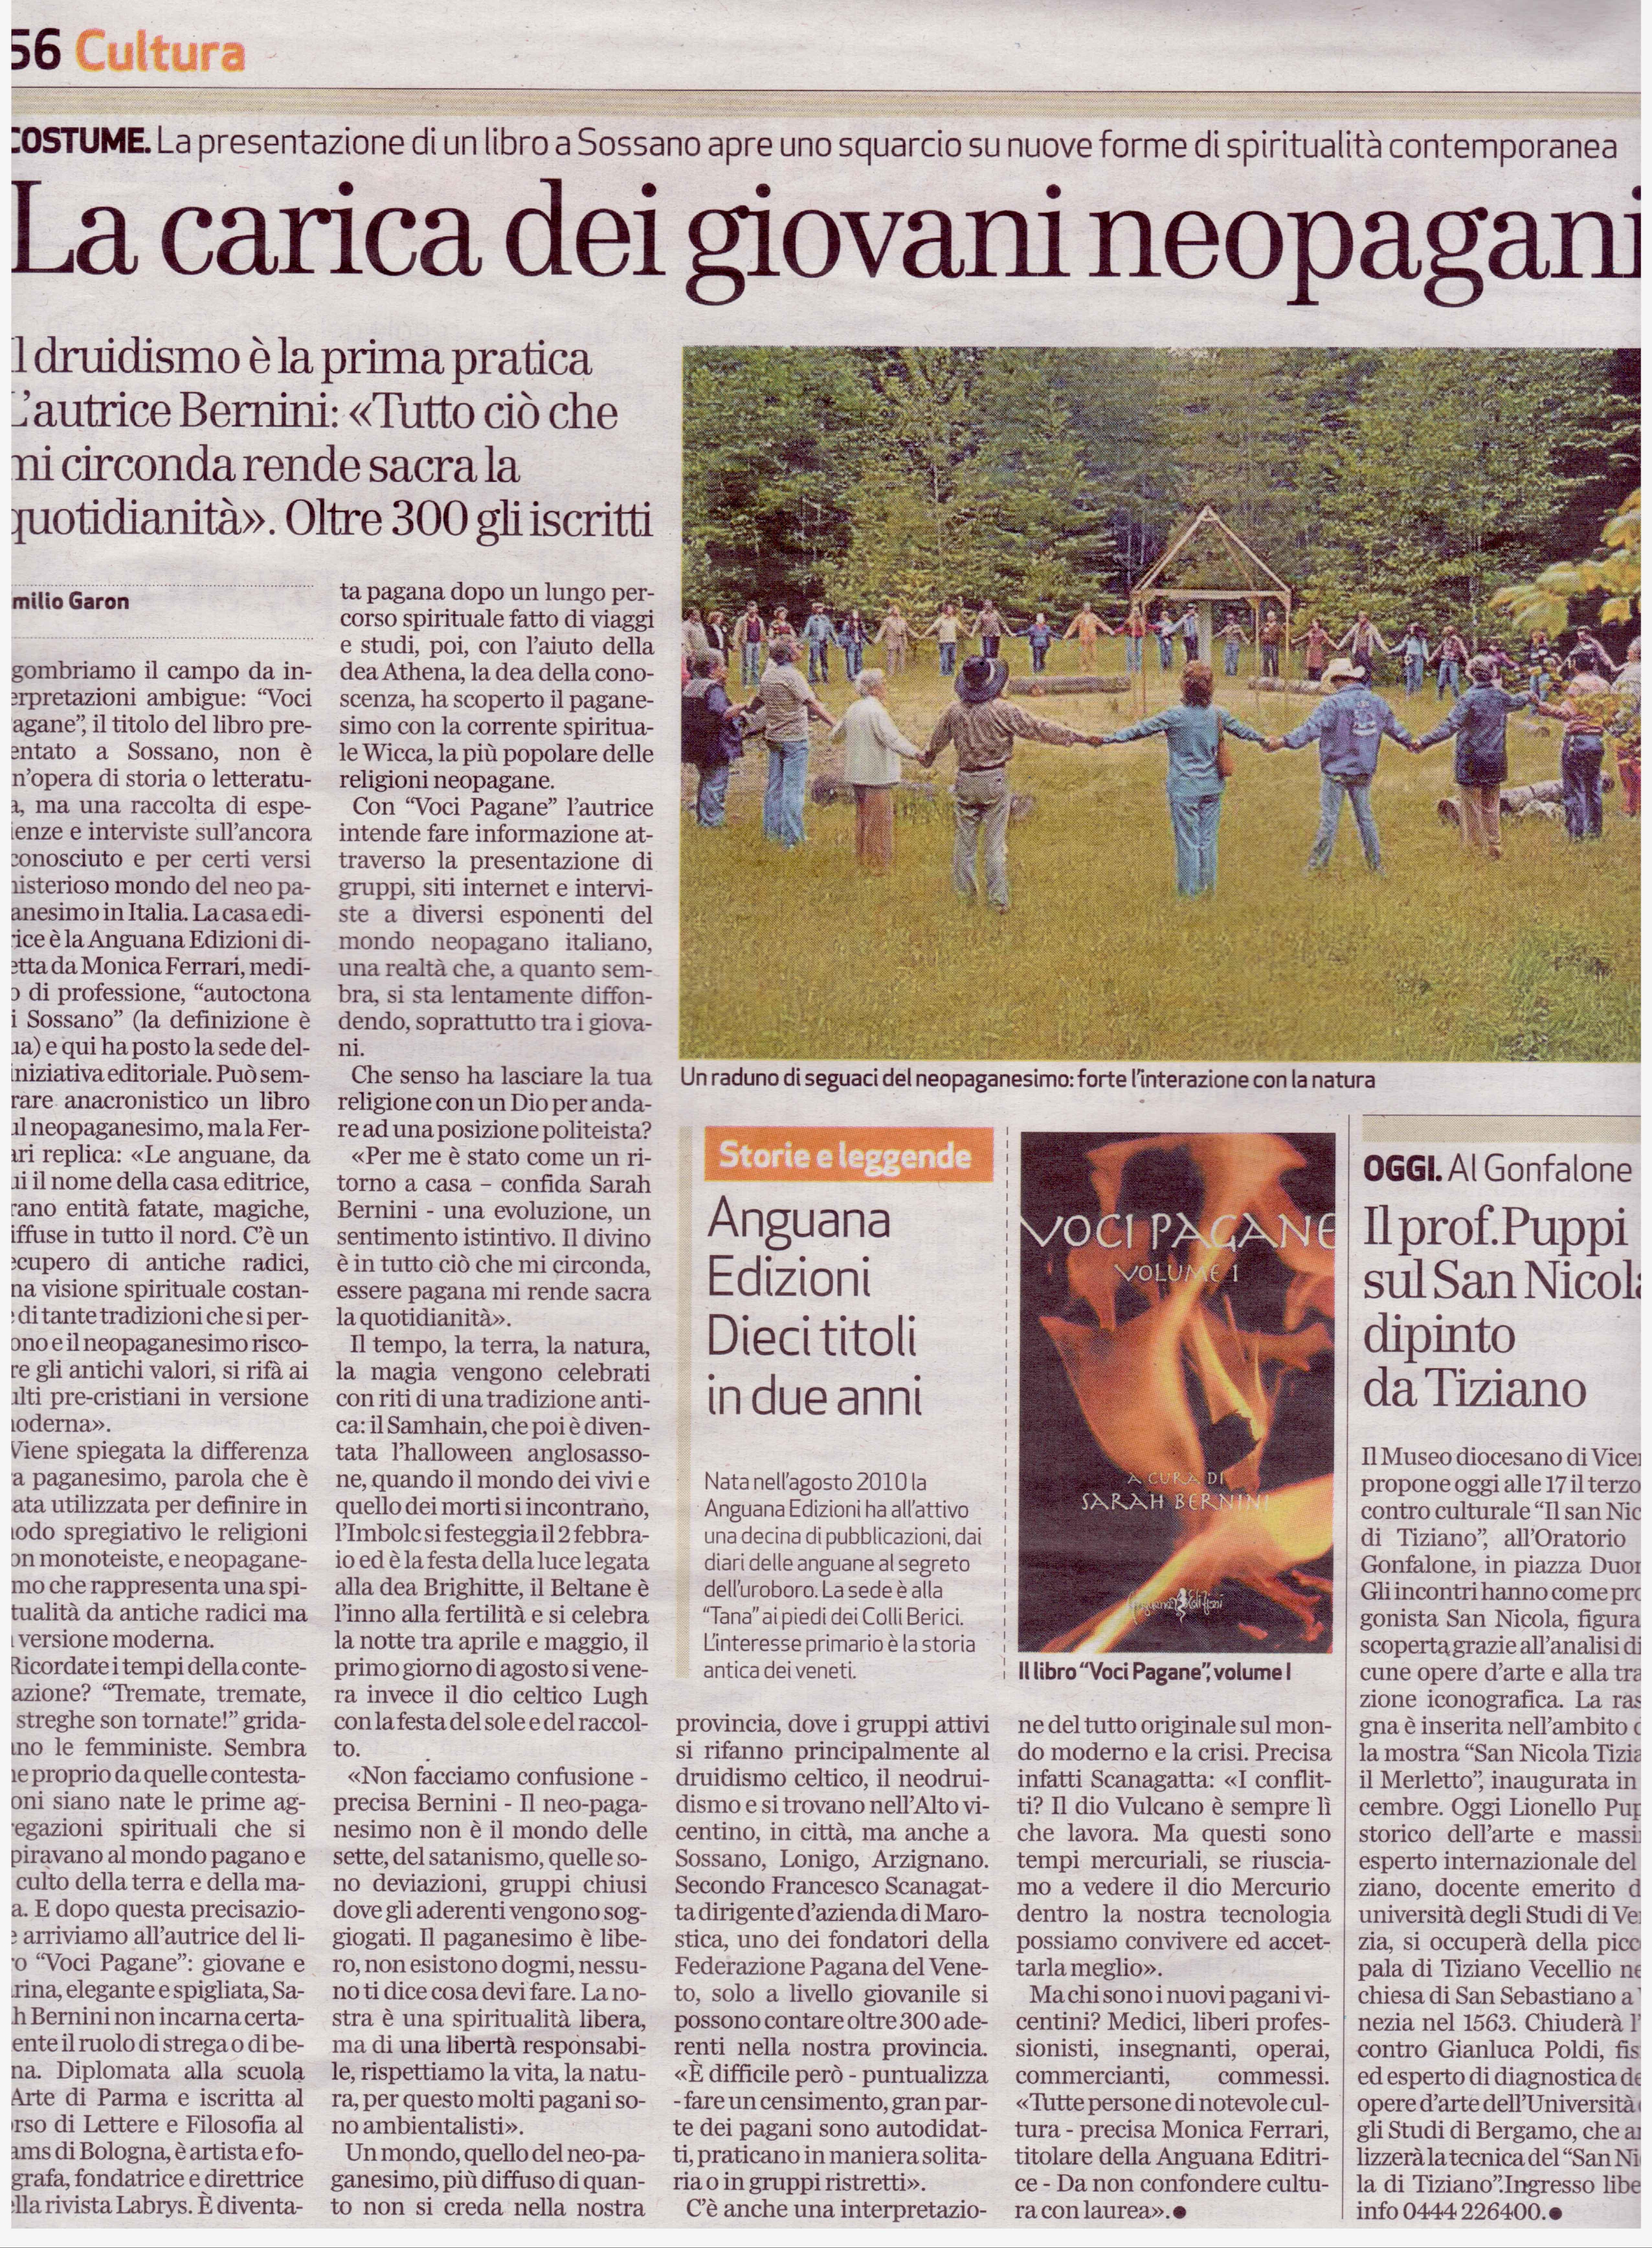 Articolo La carica dei giovani neopagani